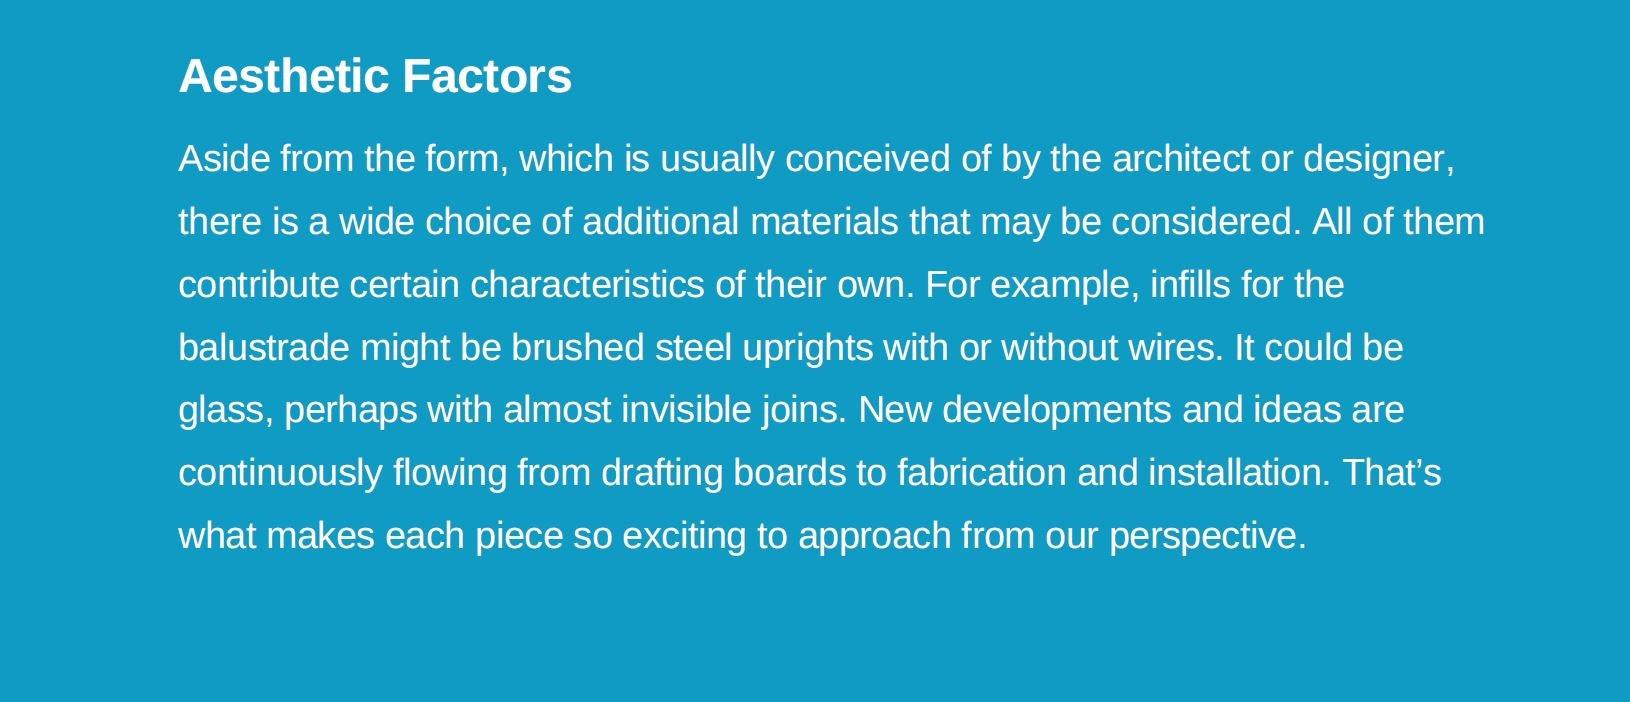 aesthetic factors